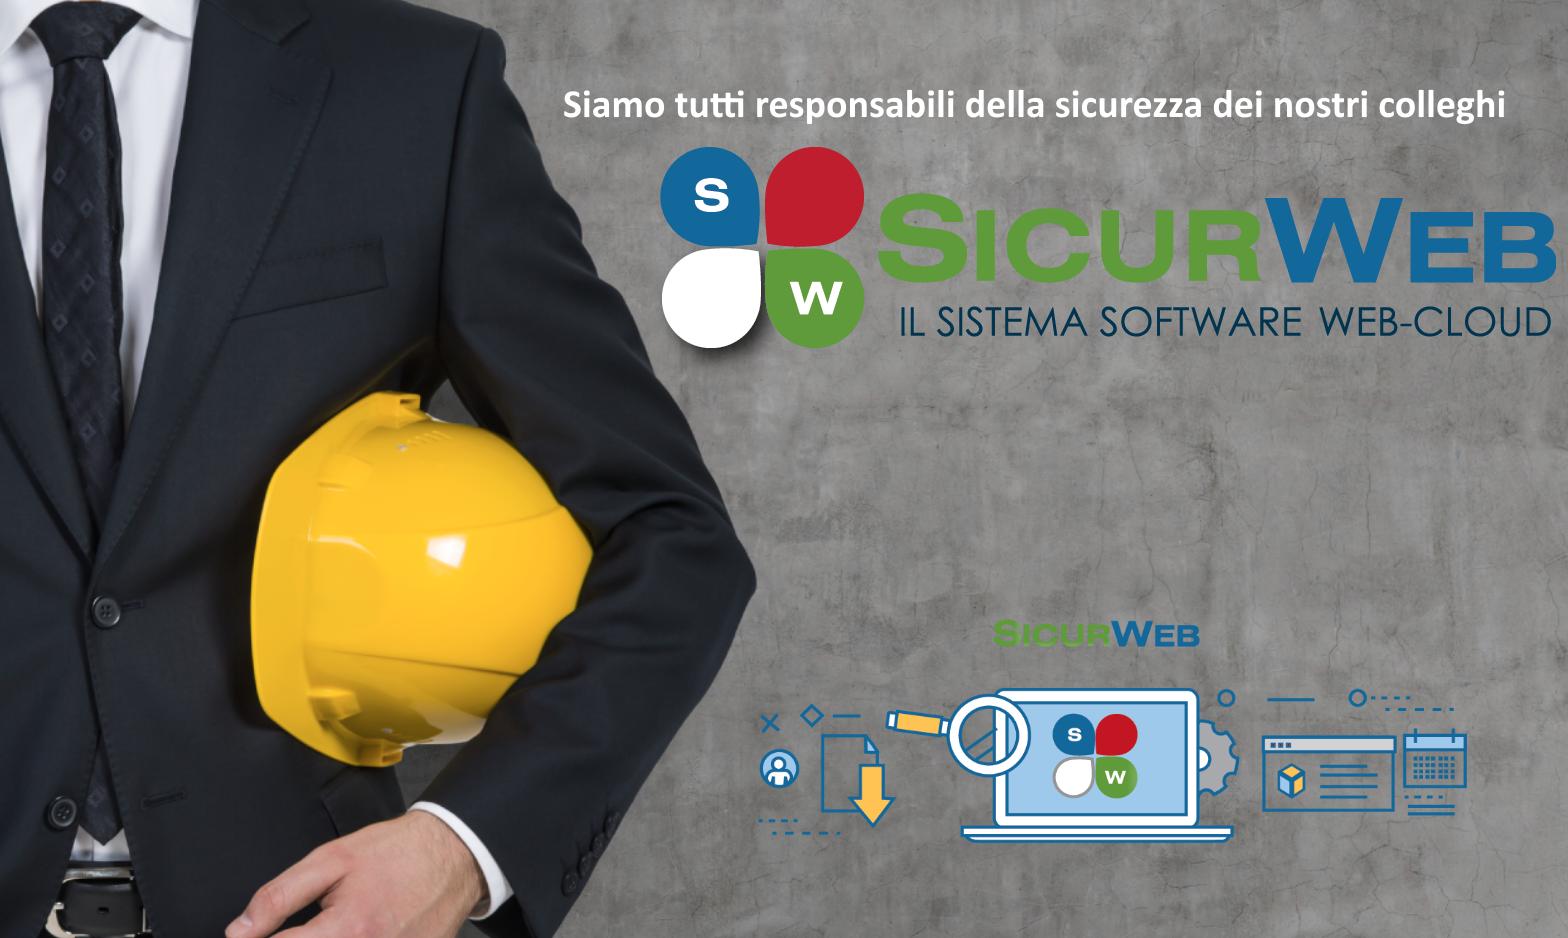 Sicurweb software rspp